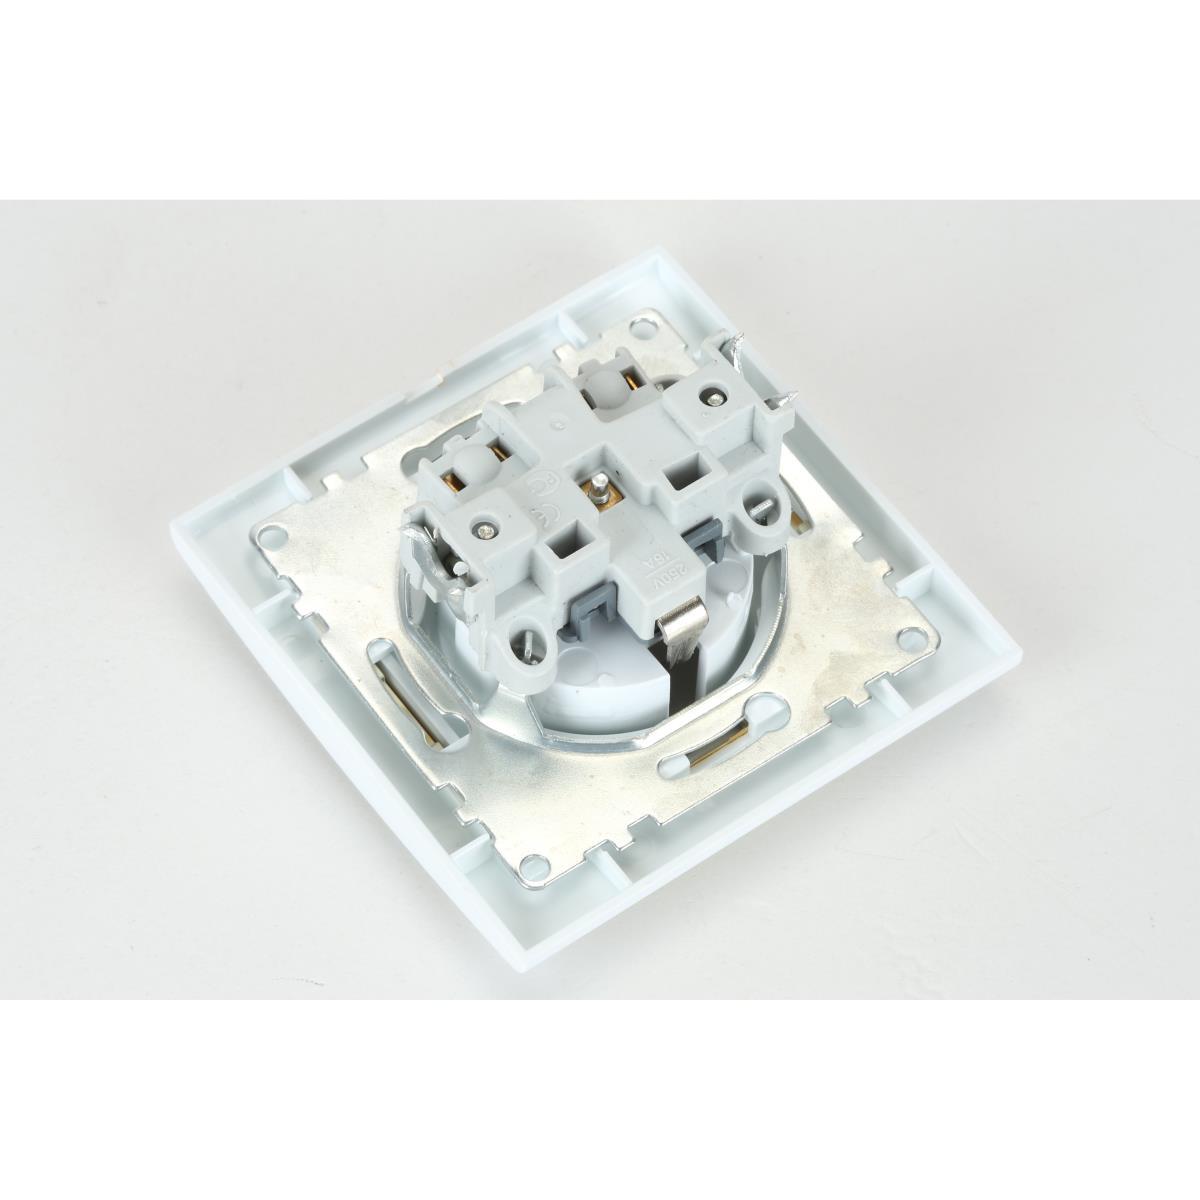 Steckdose mit Schutzkontakt Farbe weiß/gold IP20 16A, 230 V,OKKO,9209-42-G, 4772013048640